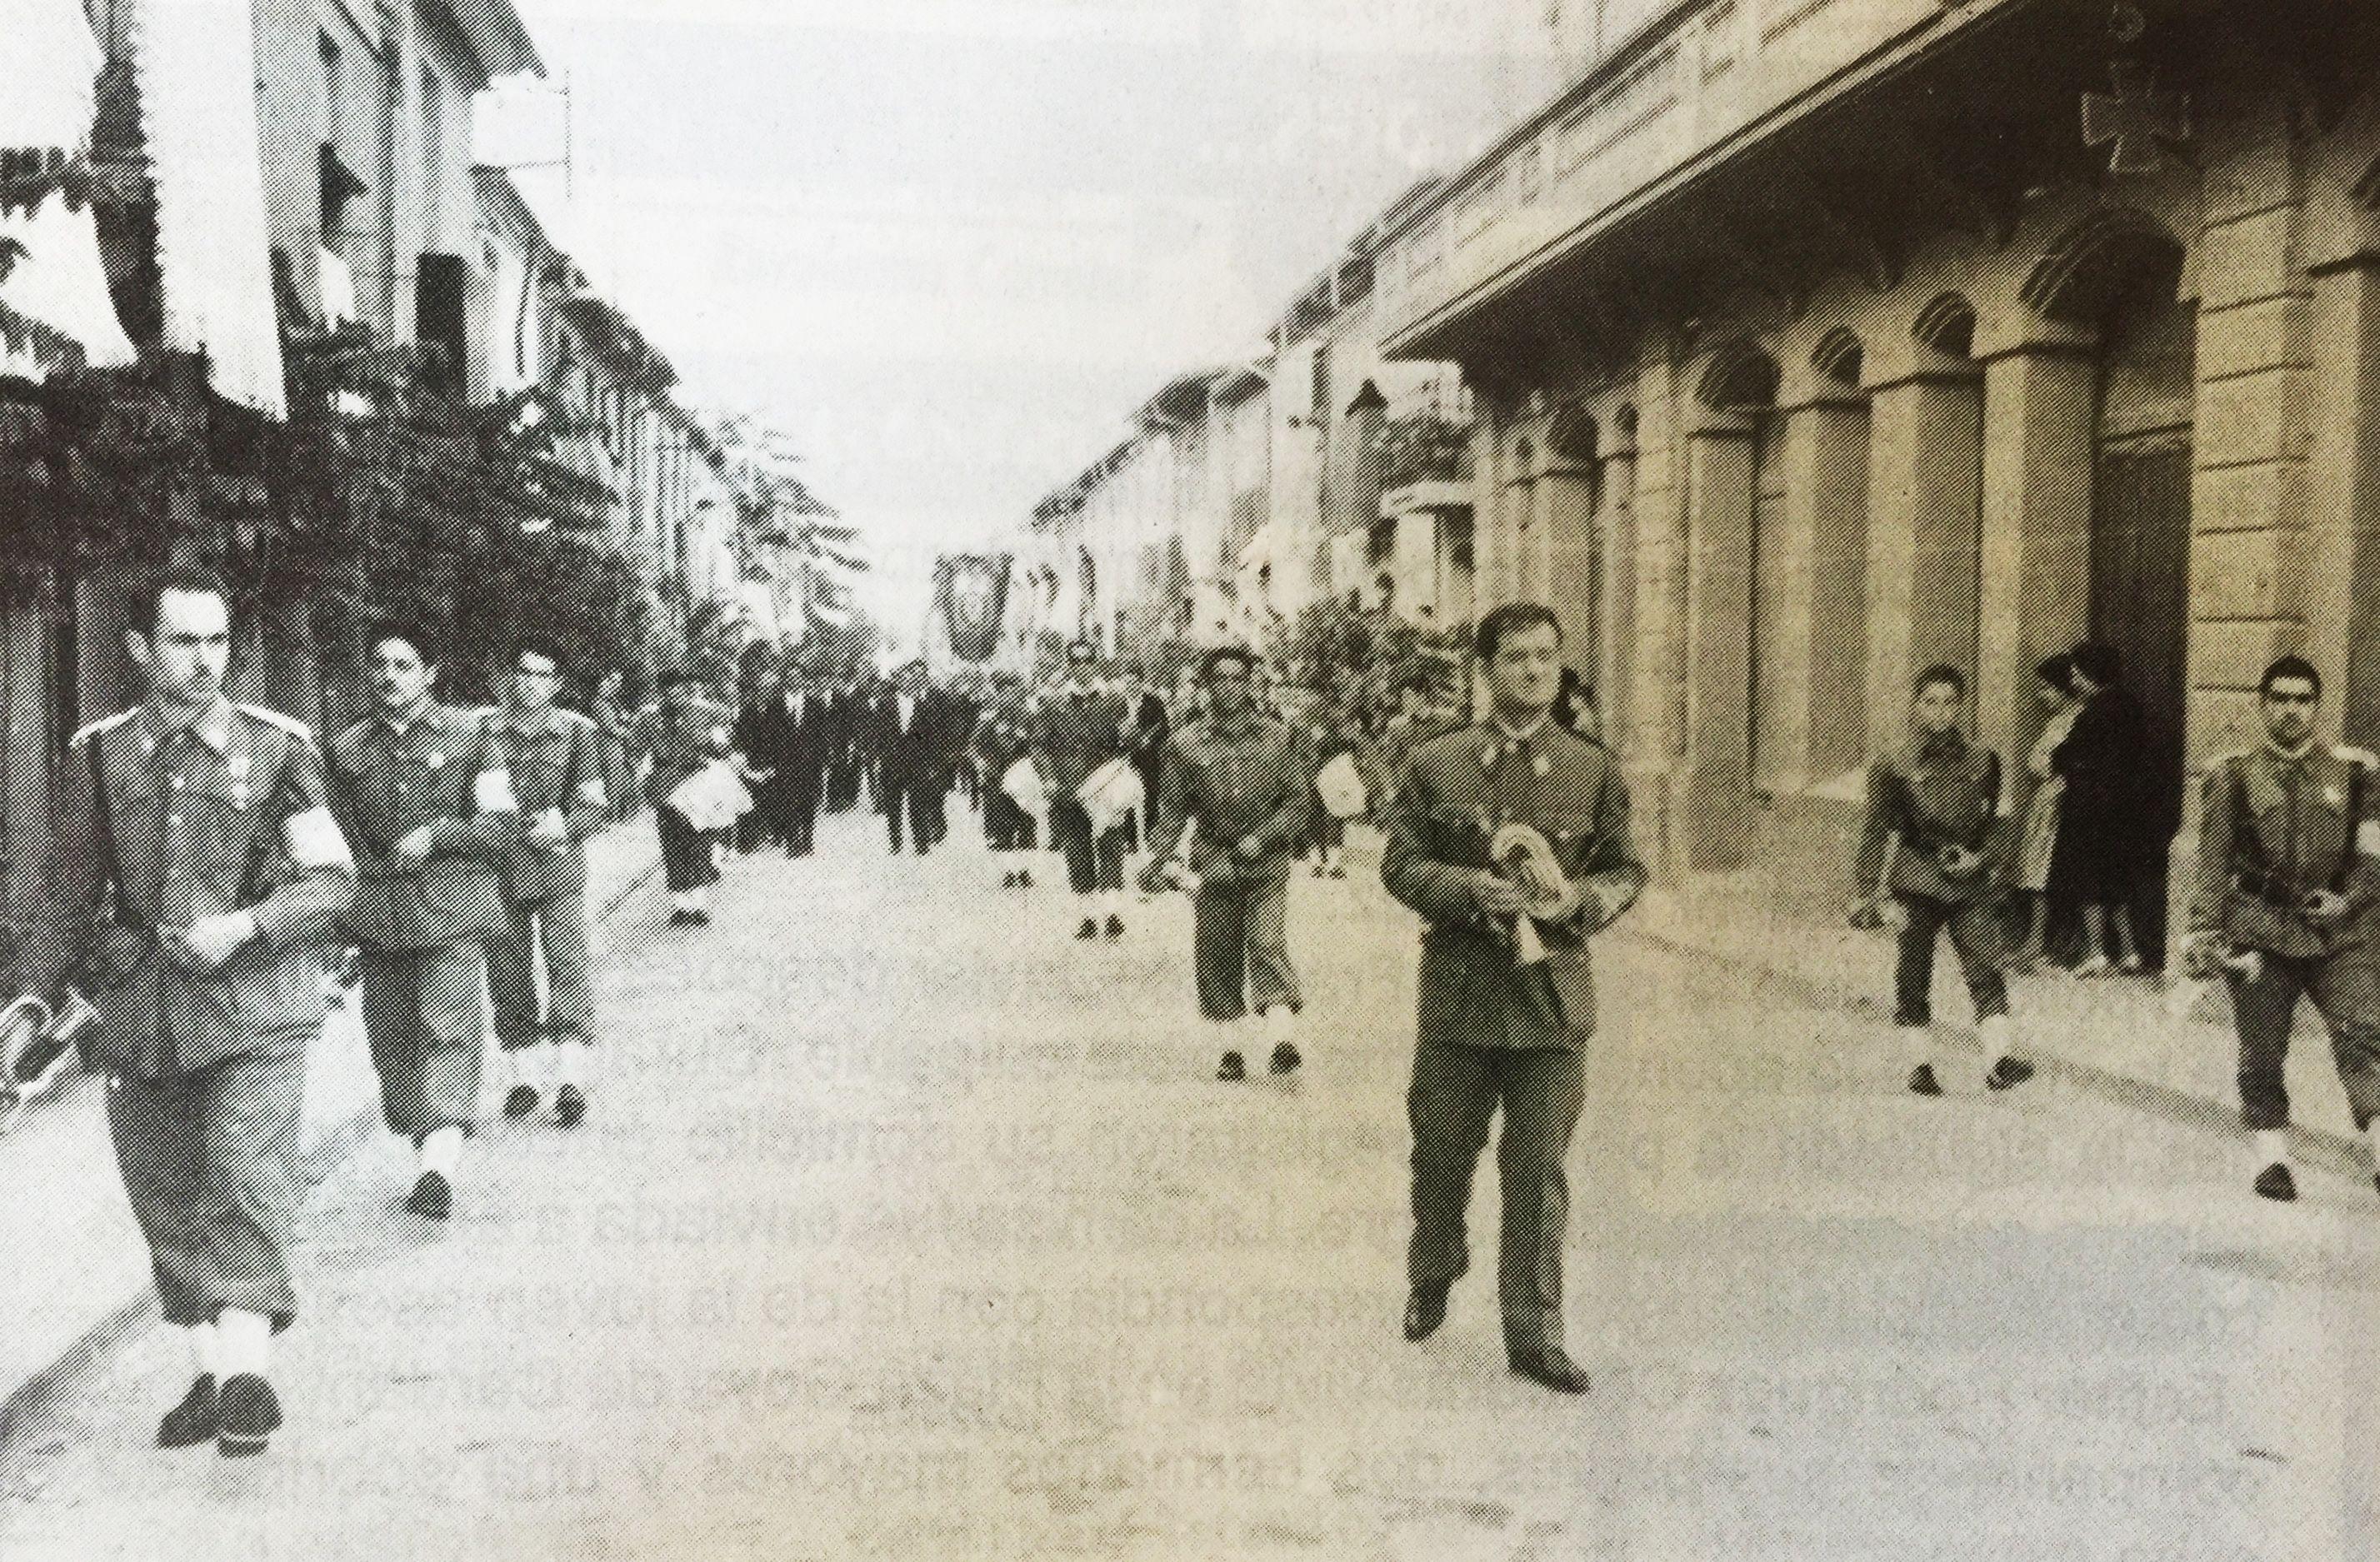 Processó del Corpus Christi als anys 50. Imatge publicada al TOT Cerdanyola 121